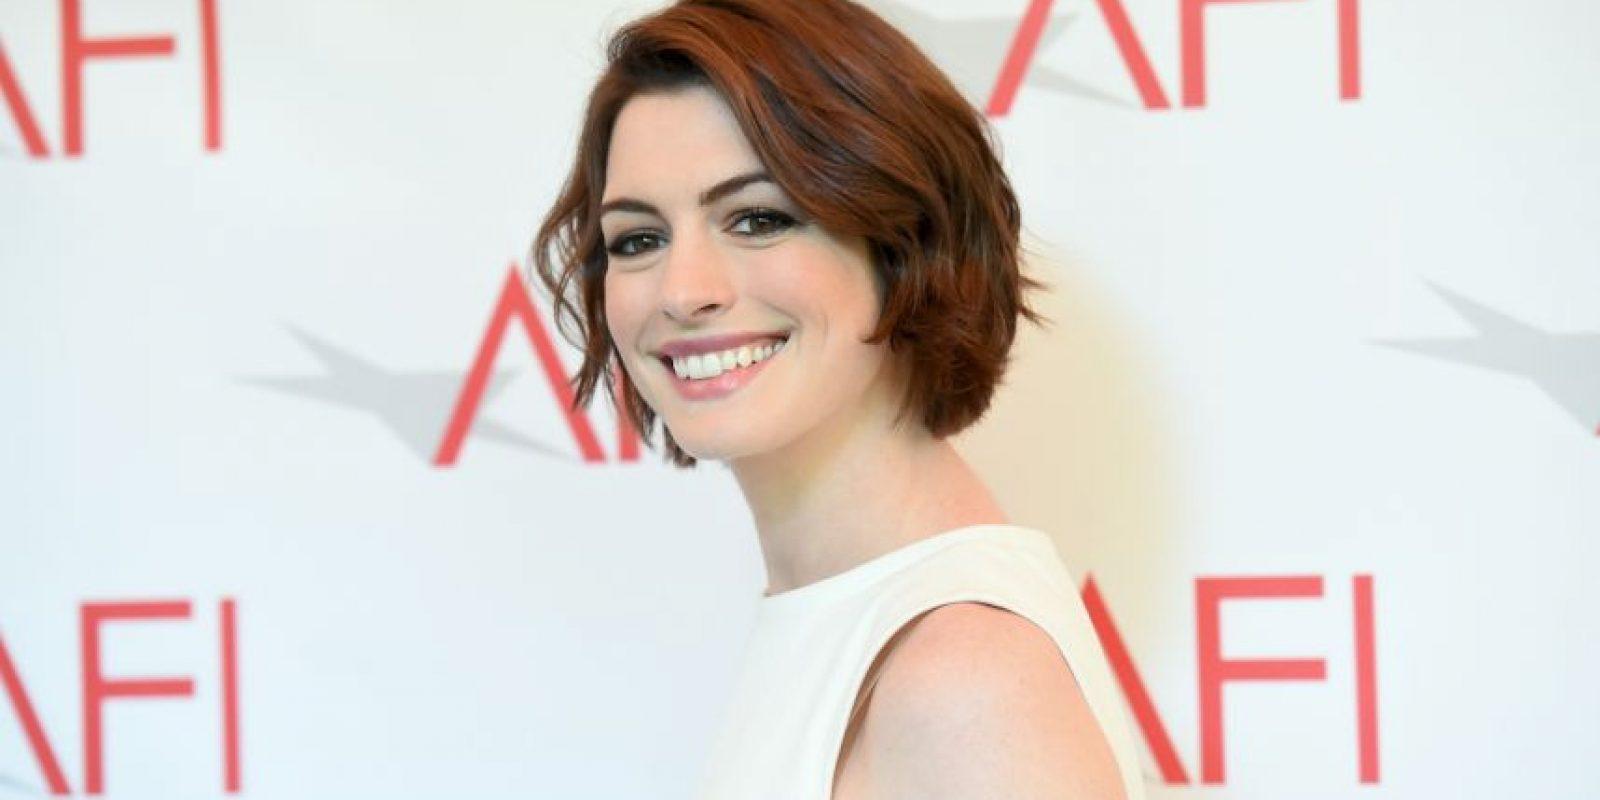 Quien es la responsable de dirigir un sitio web de moda Foto:Getty Images